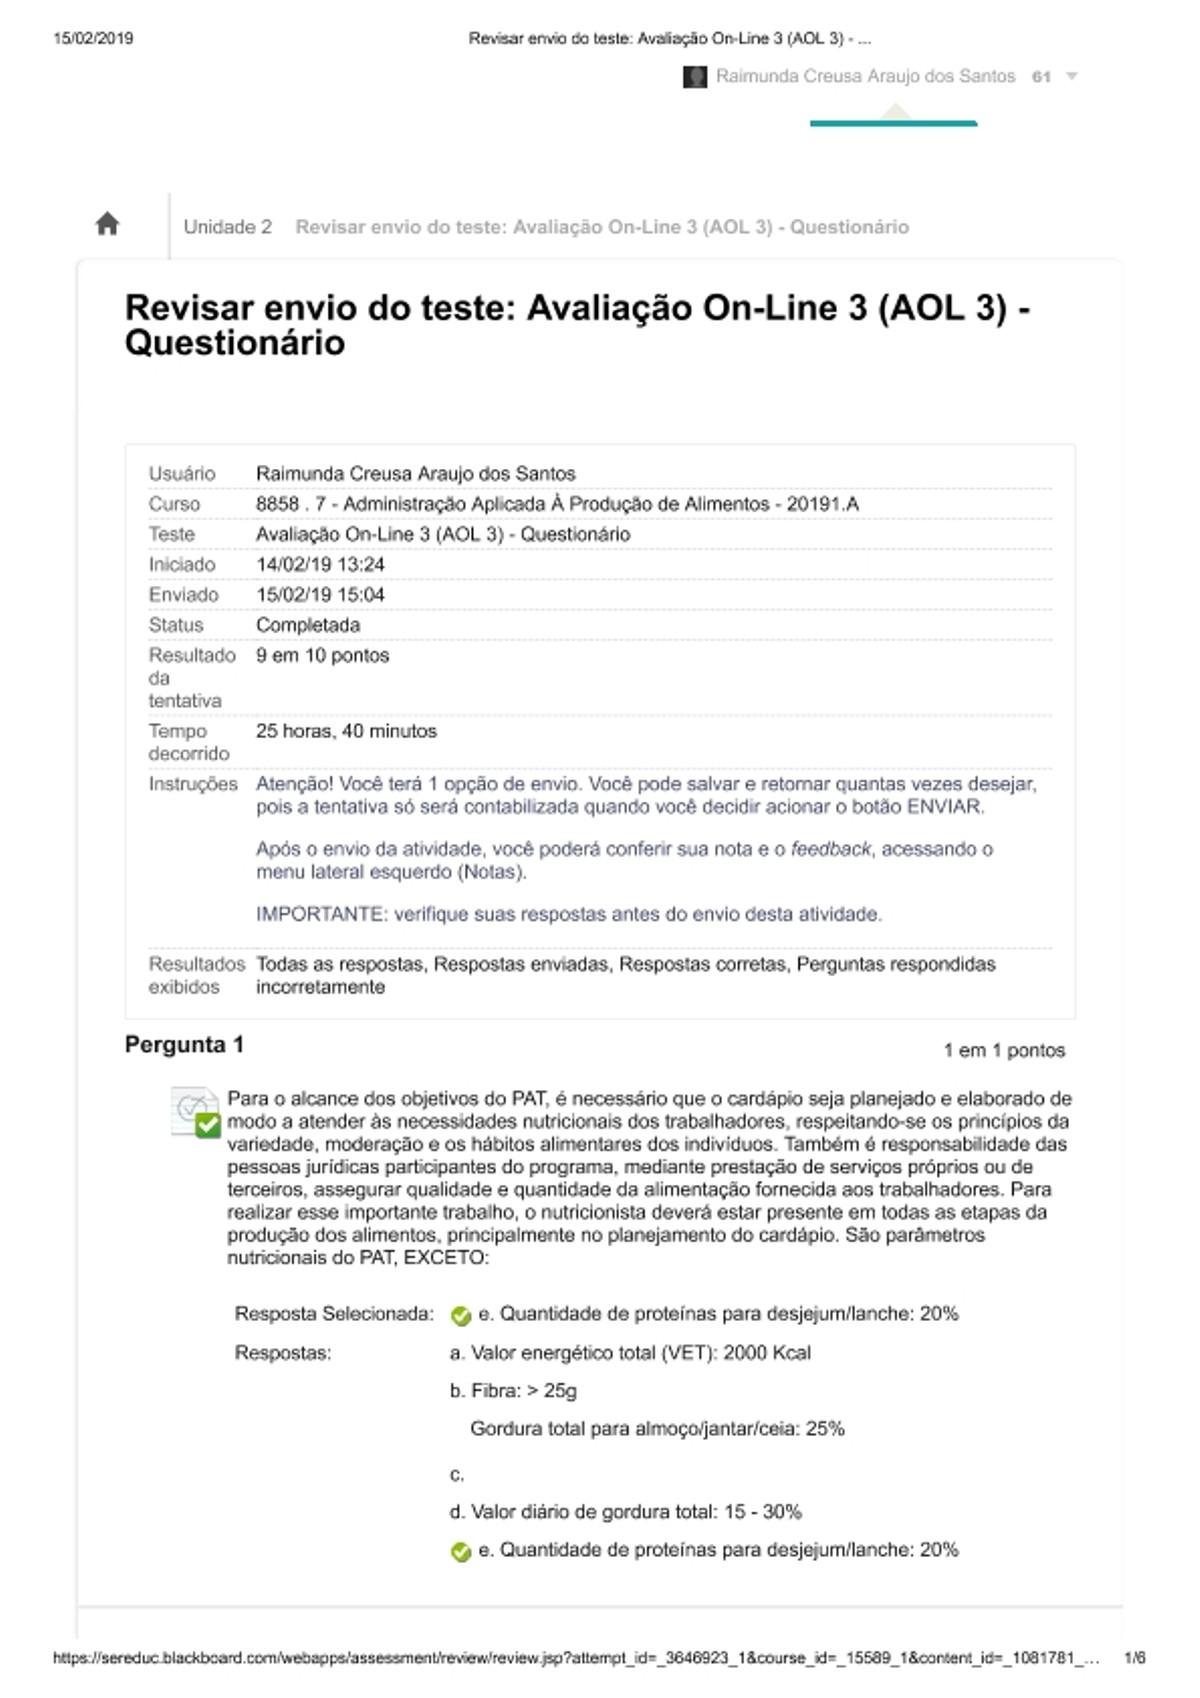 Pre-visualização do material Avaliação 02 Administ Prod Alimentos - página 1